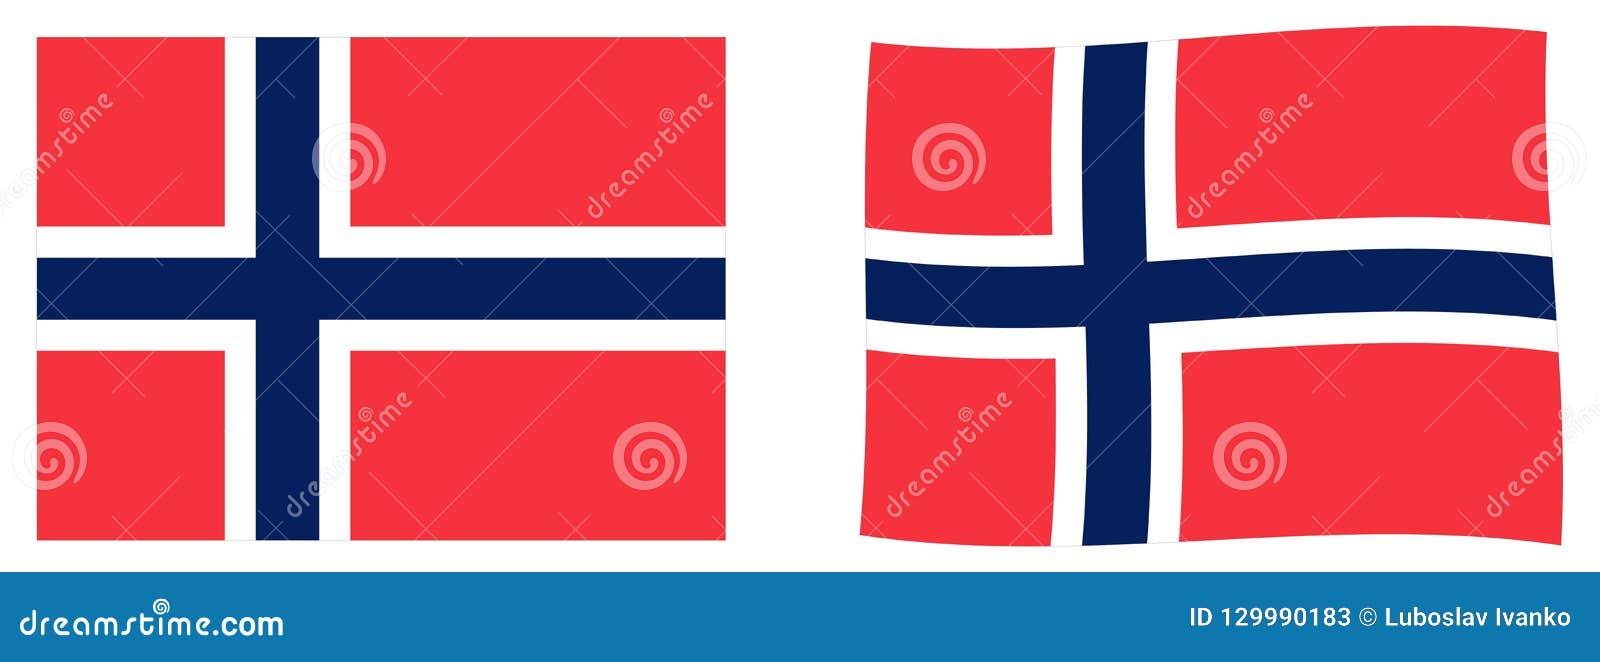 Βασίλειο της σημαίας της Νορβηγίας Απλός και έκδοση ελαφρώς κυματισμού